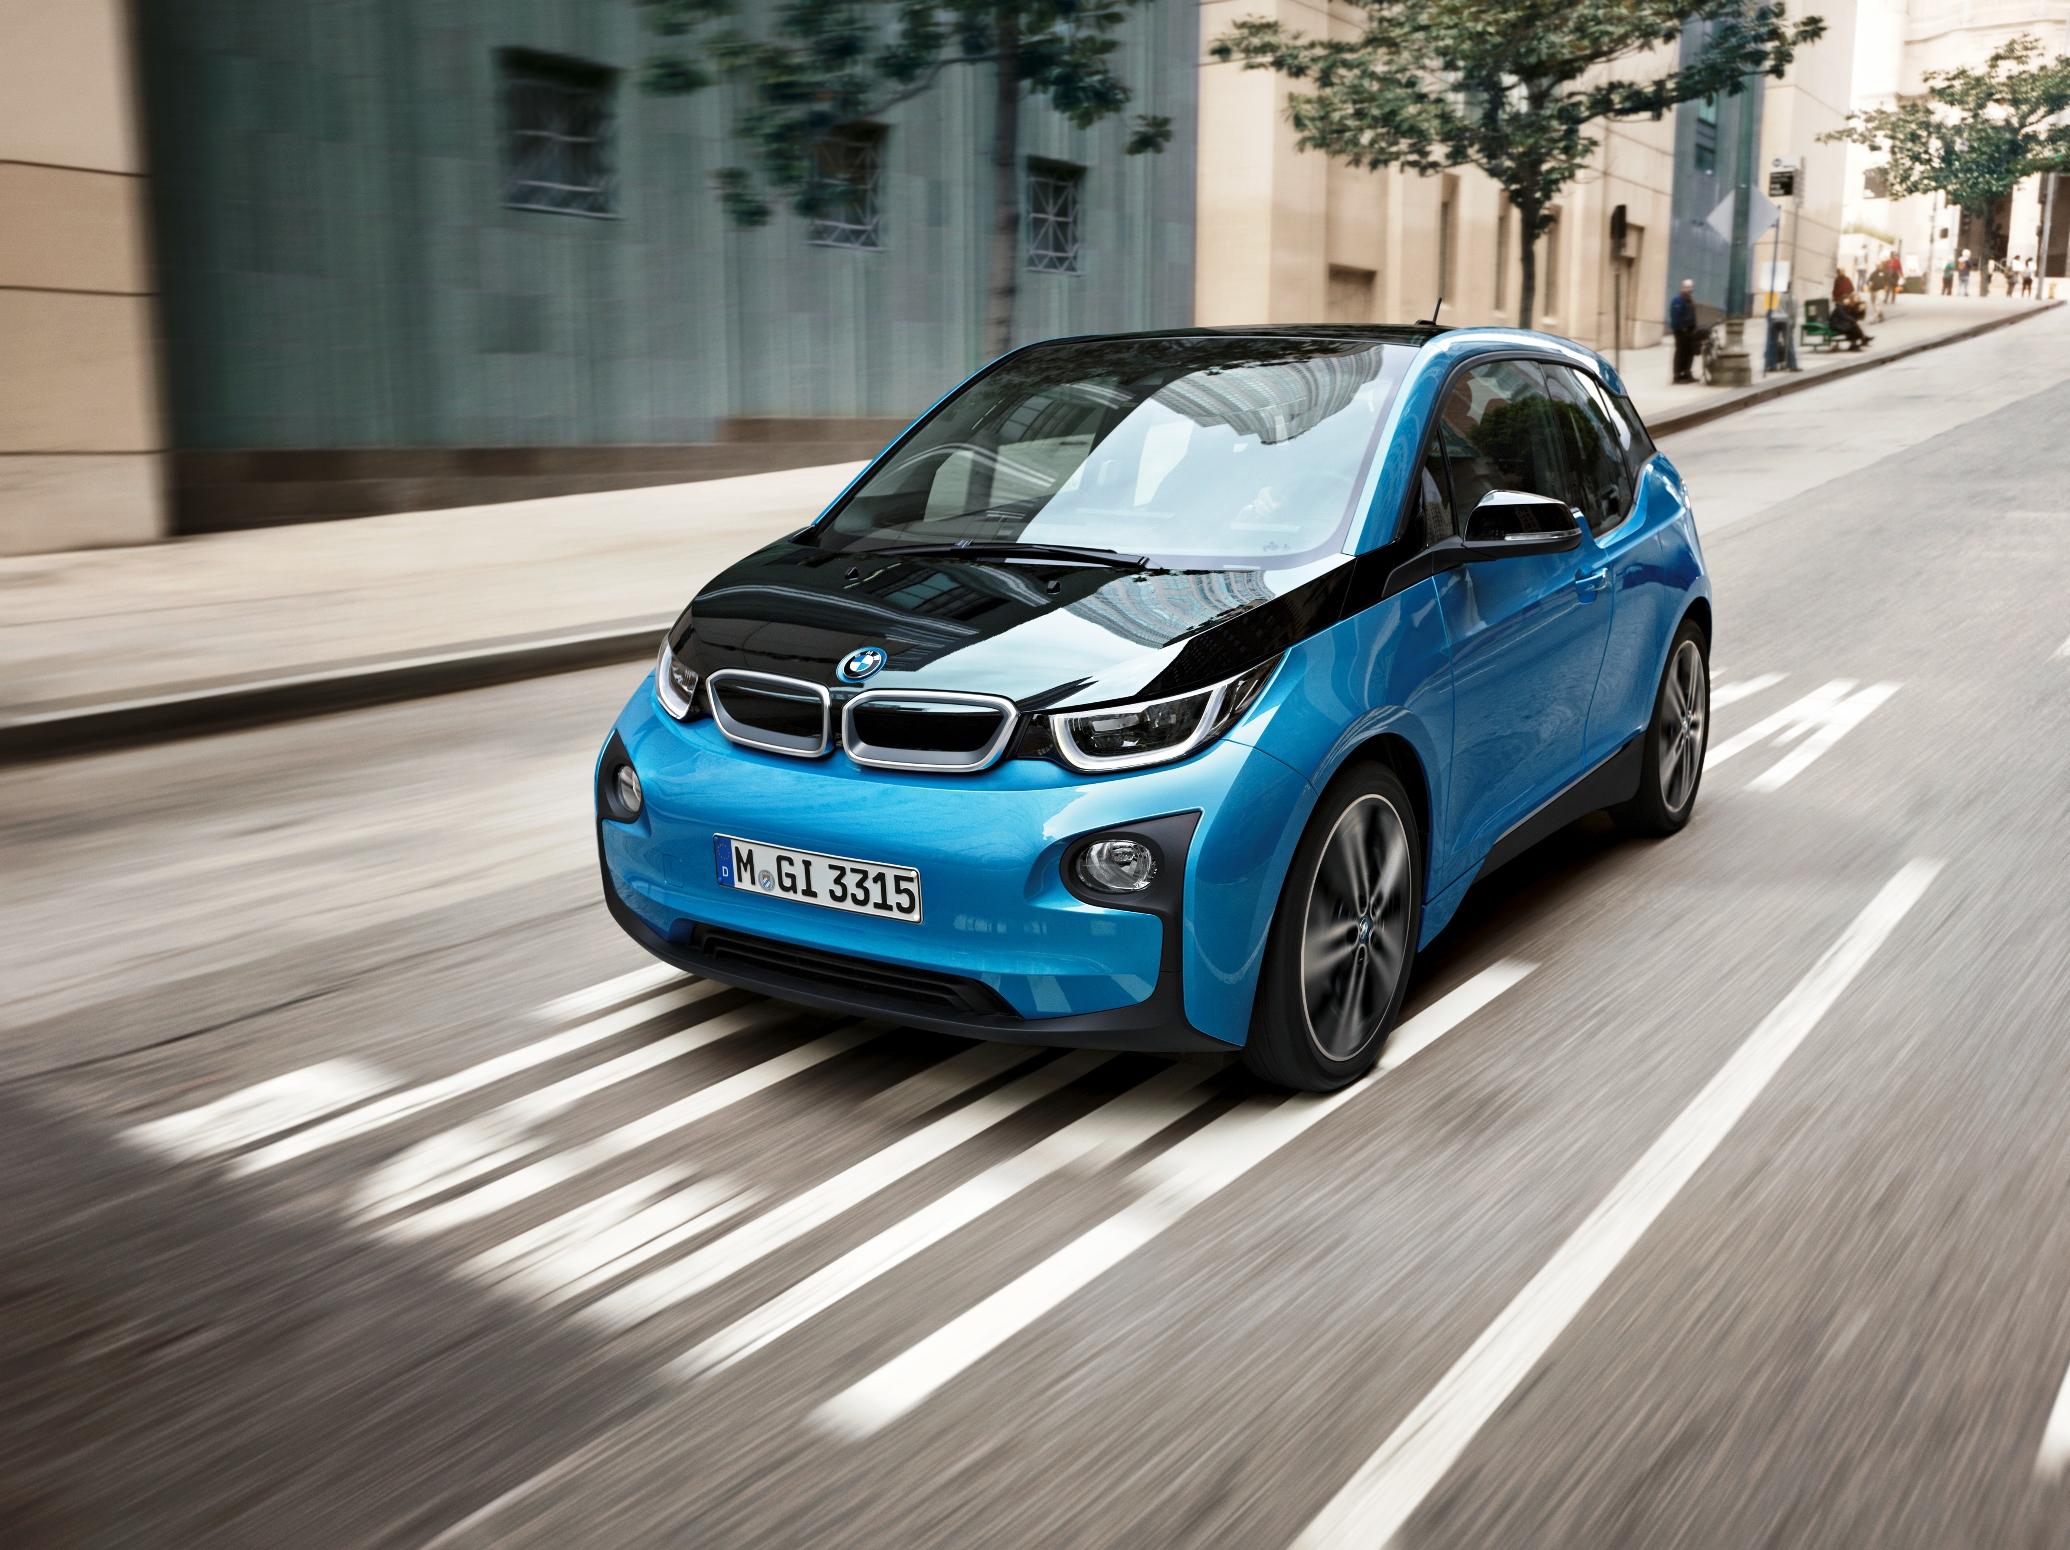 El nuevo BMW i3, disponible por 38.200 euros